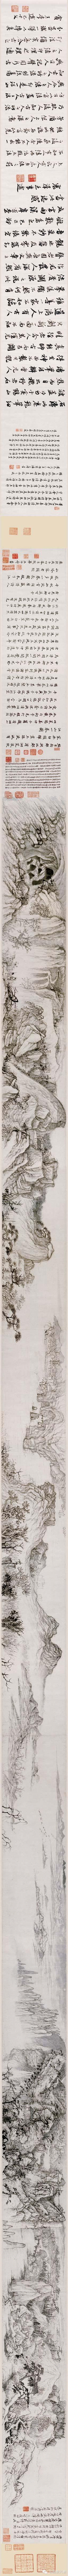 黑白装饰山水树木画